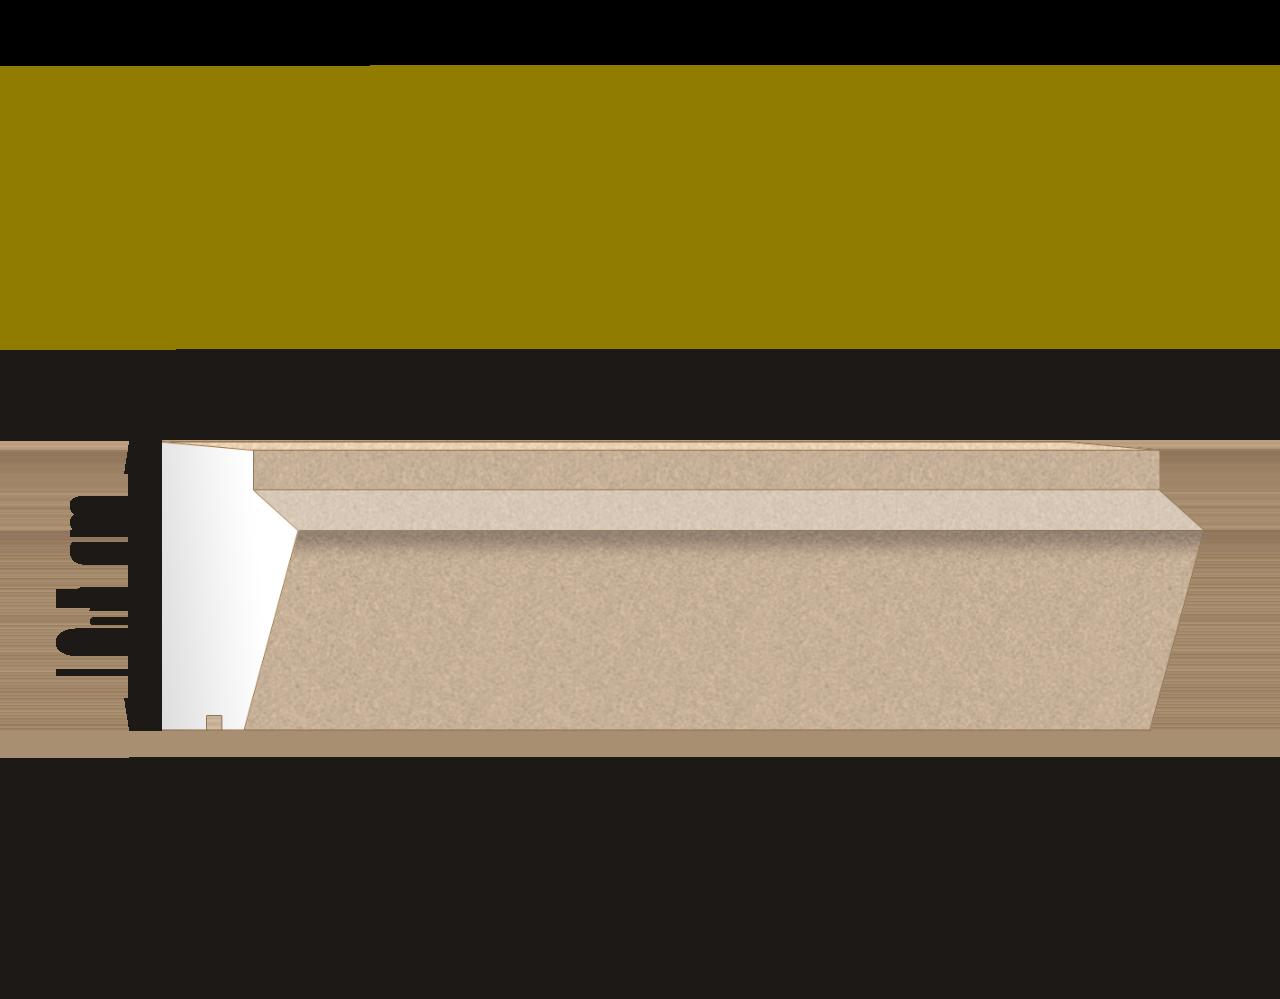 SAN-F-239